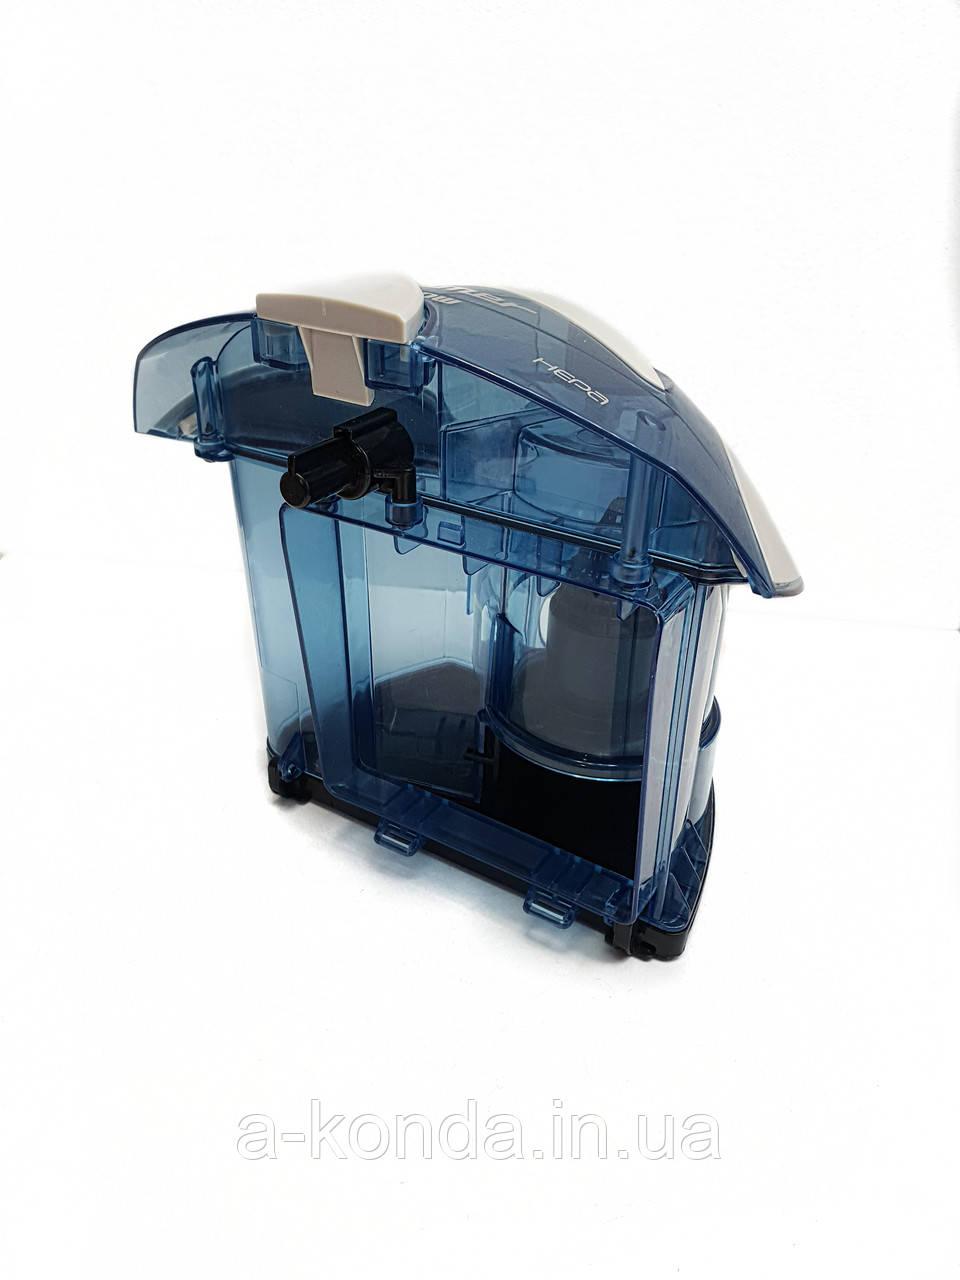 Контейнер (пылесборник) для пыли для пылесоса Zelmer 01Z010 793724 601